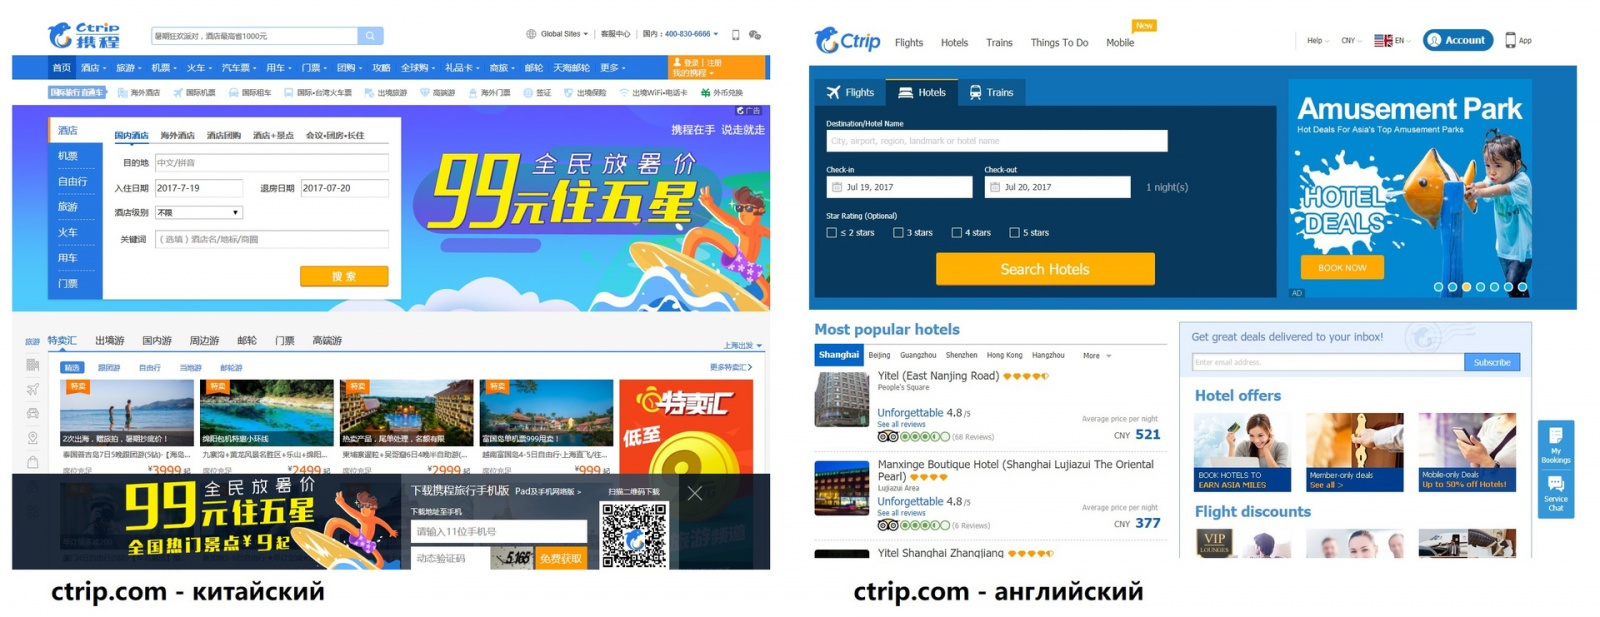 Китайский интернет и софт: о наболевшем - 5